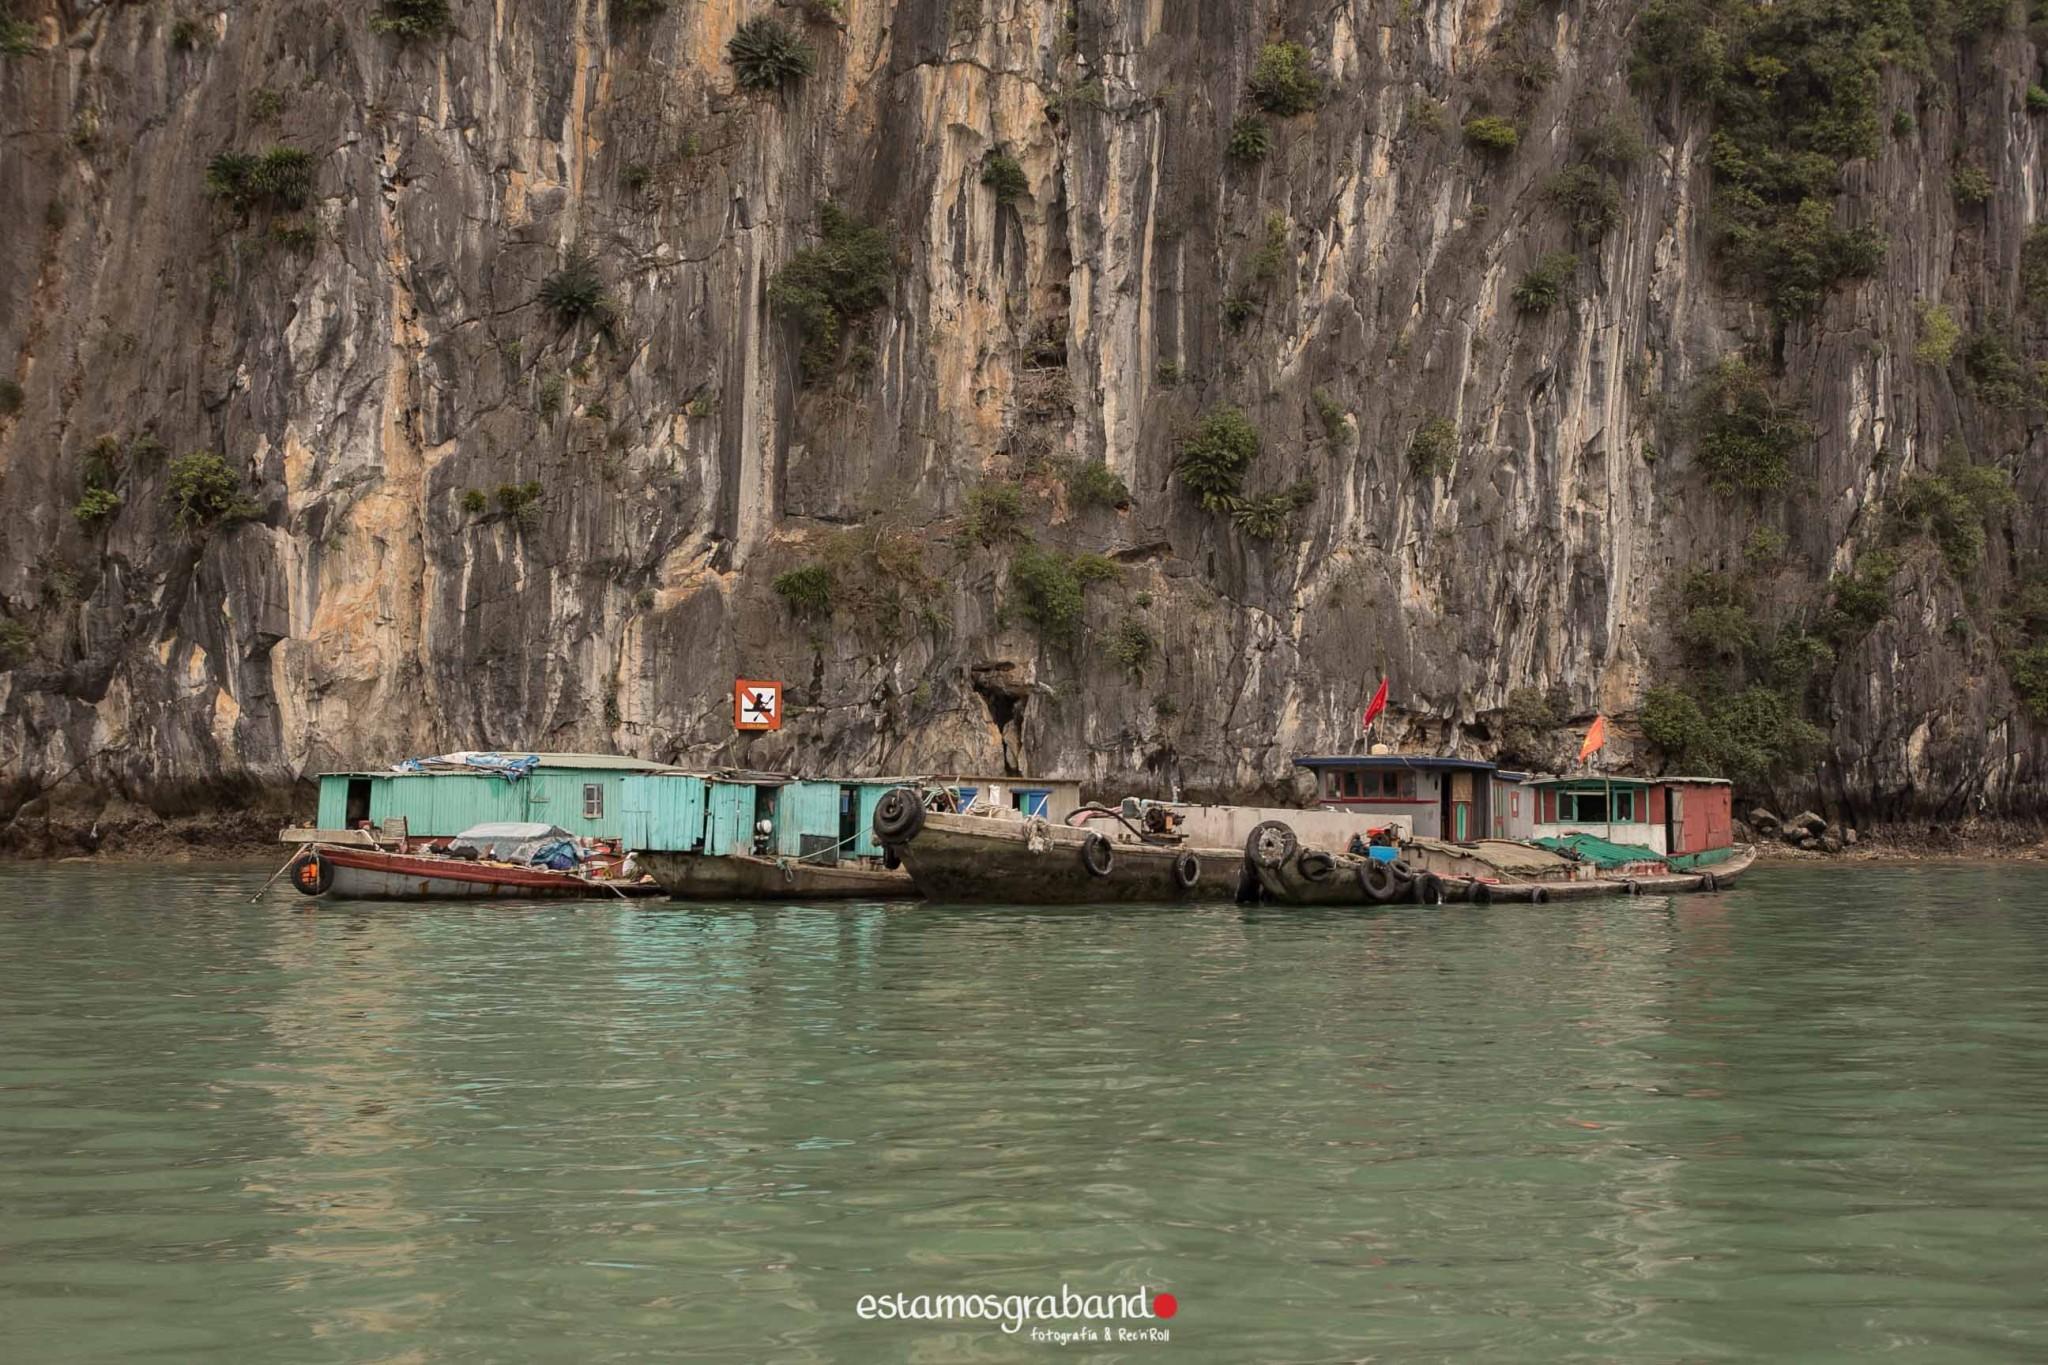 reportaje-vietnam_fotograficc81a-vietnam_estamosgrabando-vietnam_rutasvietnam_reportaje-retratos-fotos-vietnam_fotografia-vietnam_reportaje-estamosgrabando-fotograficc81a-vietnam-54 Pequeños grandes recuerdos de Vietnam en 100 imágenes - video boda cadiz